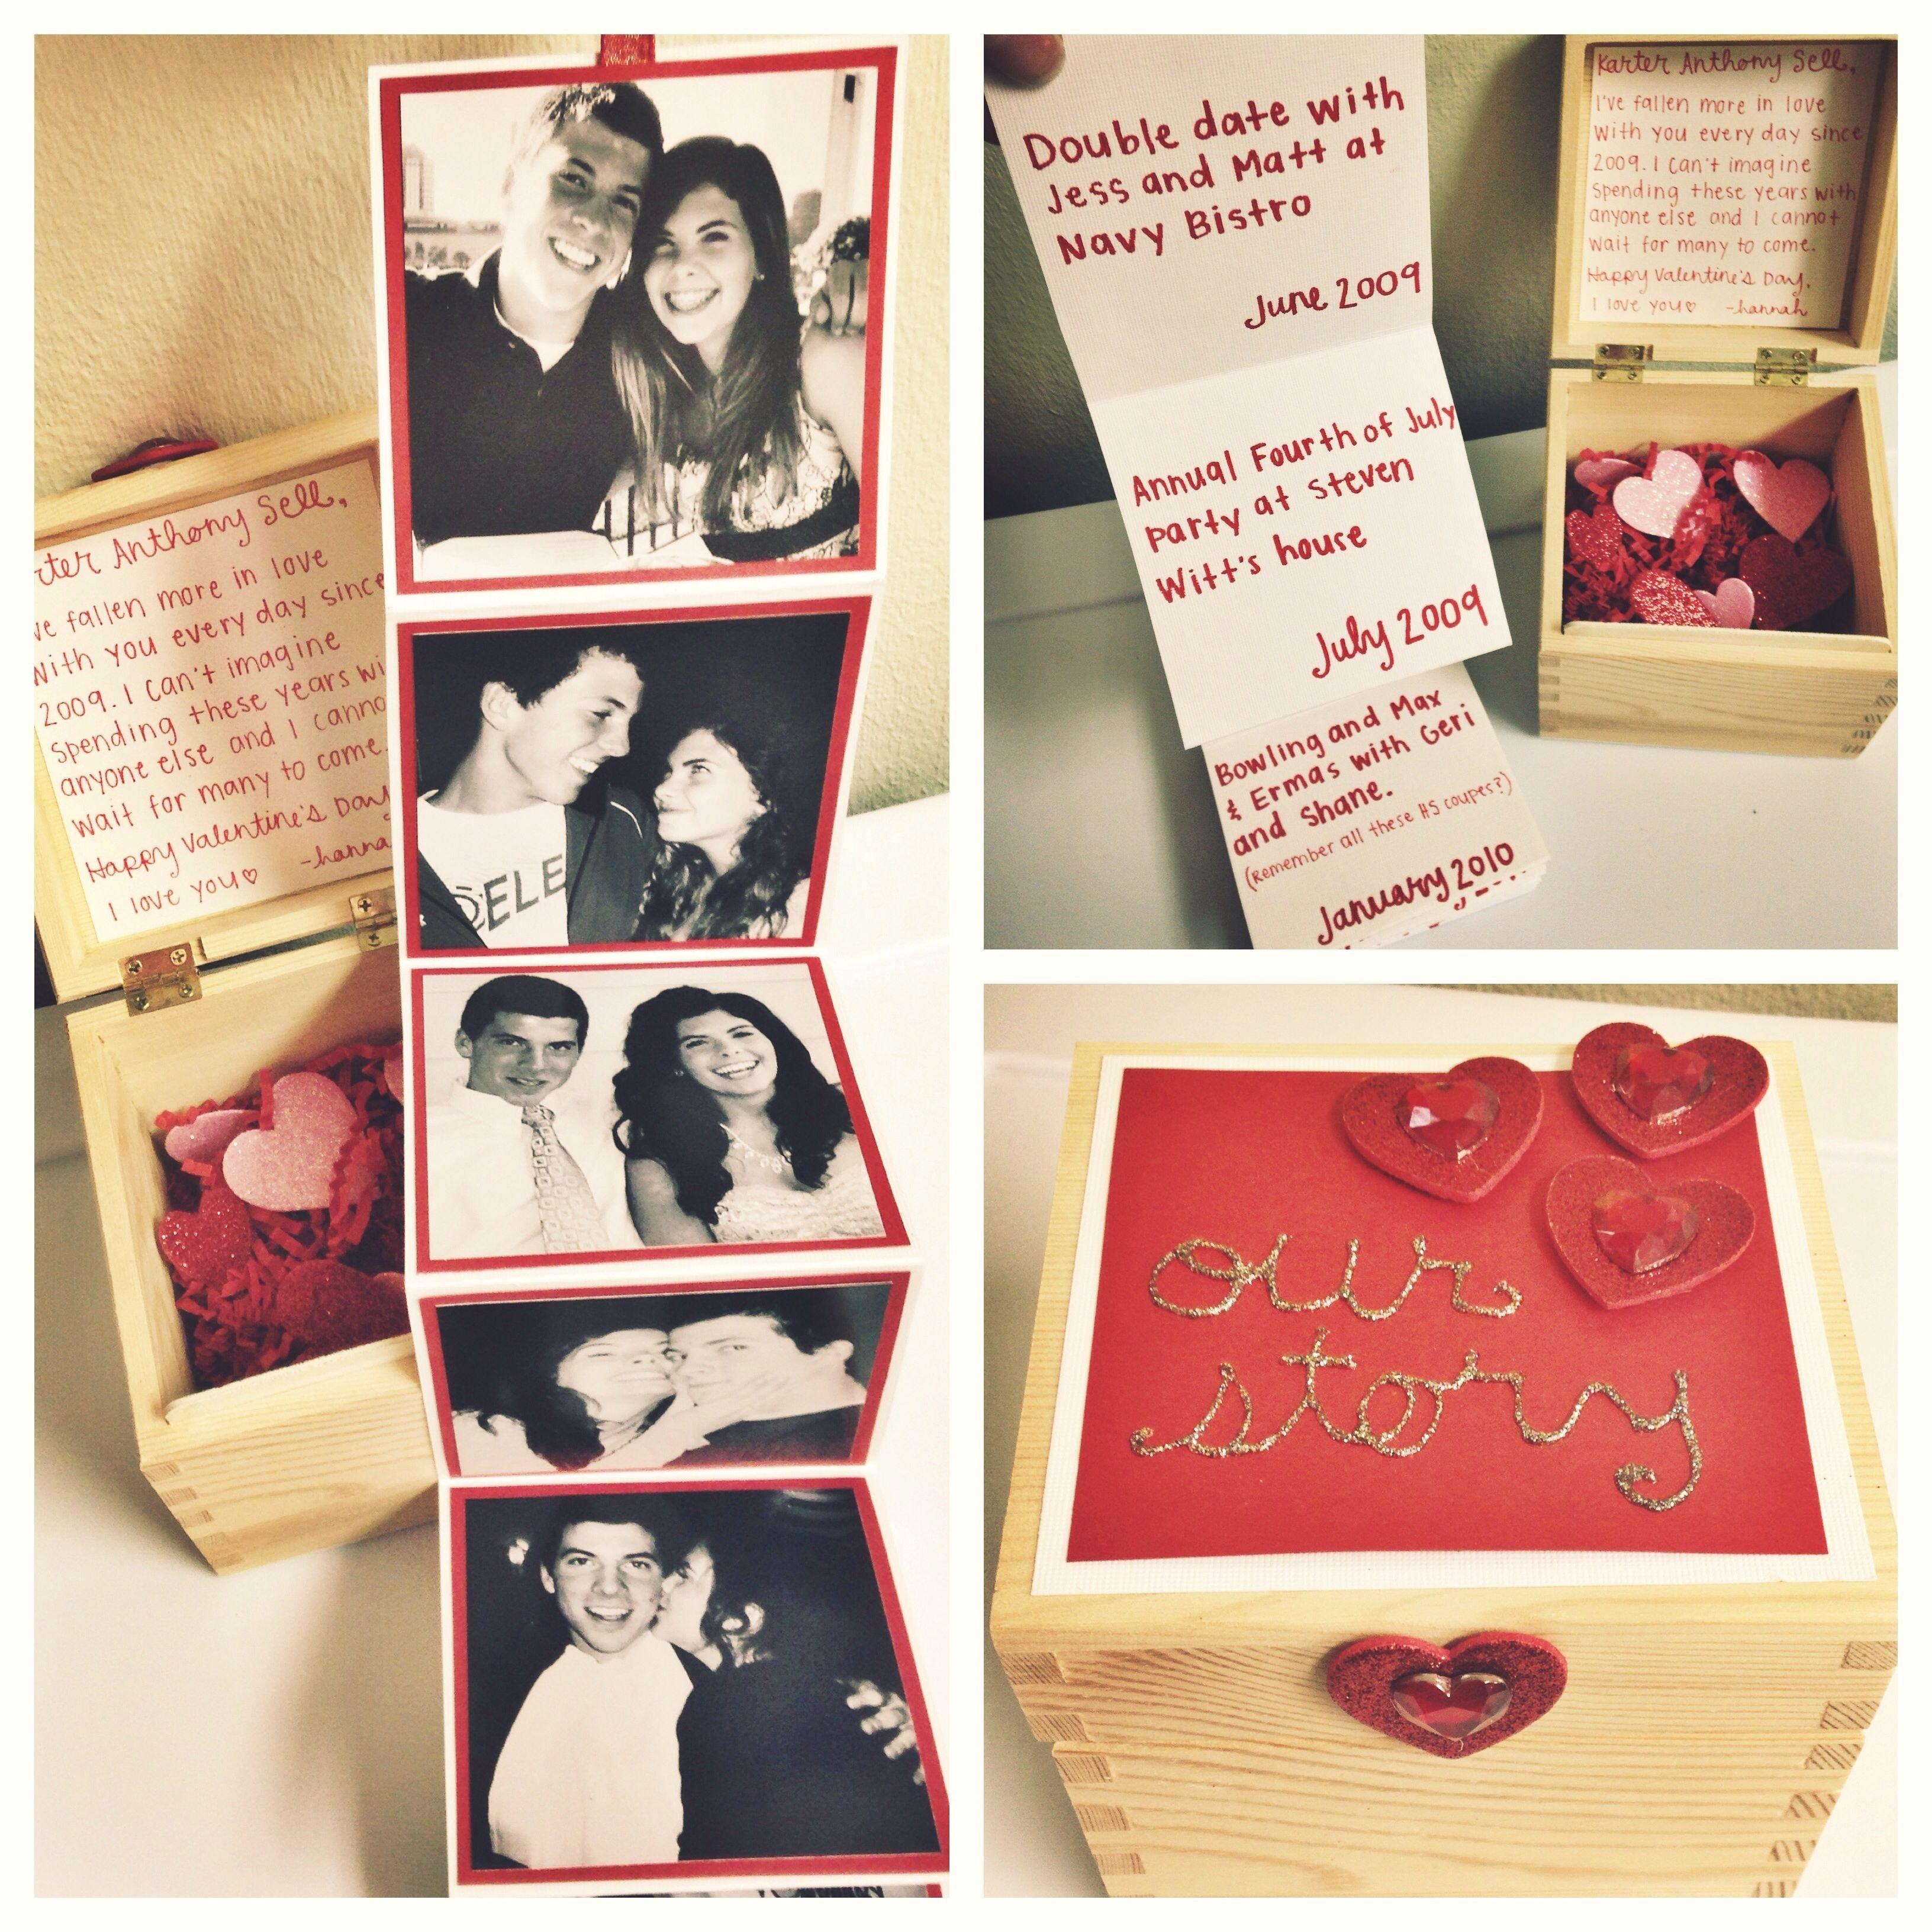 10 Fabulous Homemade Birthday Gift Ideas For Boyfriend 55 Diy Valentine Gifts Him Boyfriends Anniversaries